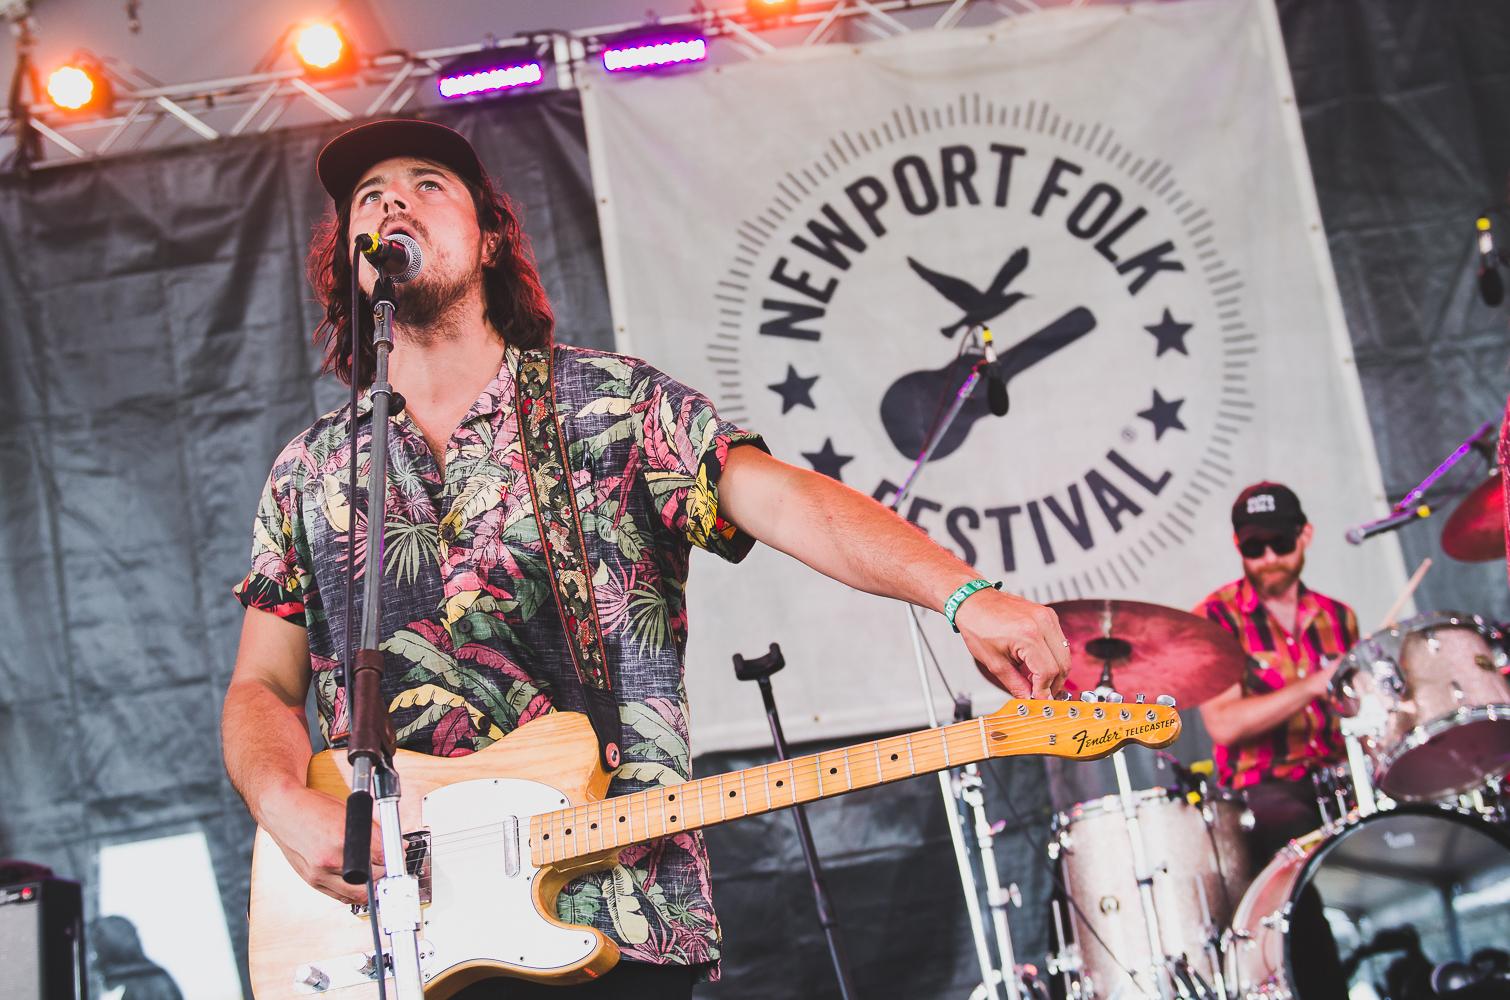 Newport Folk Festival 2018 Ben Kaye-Glorietta Matt Vasquez